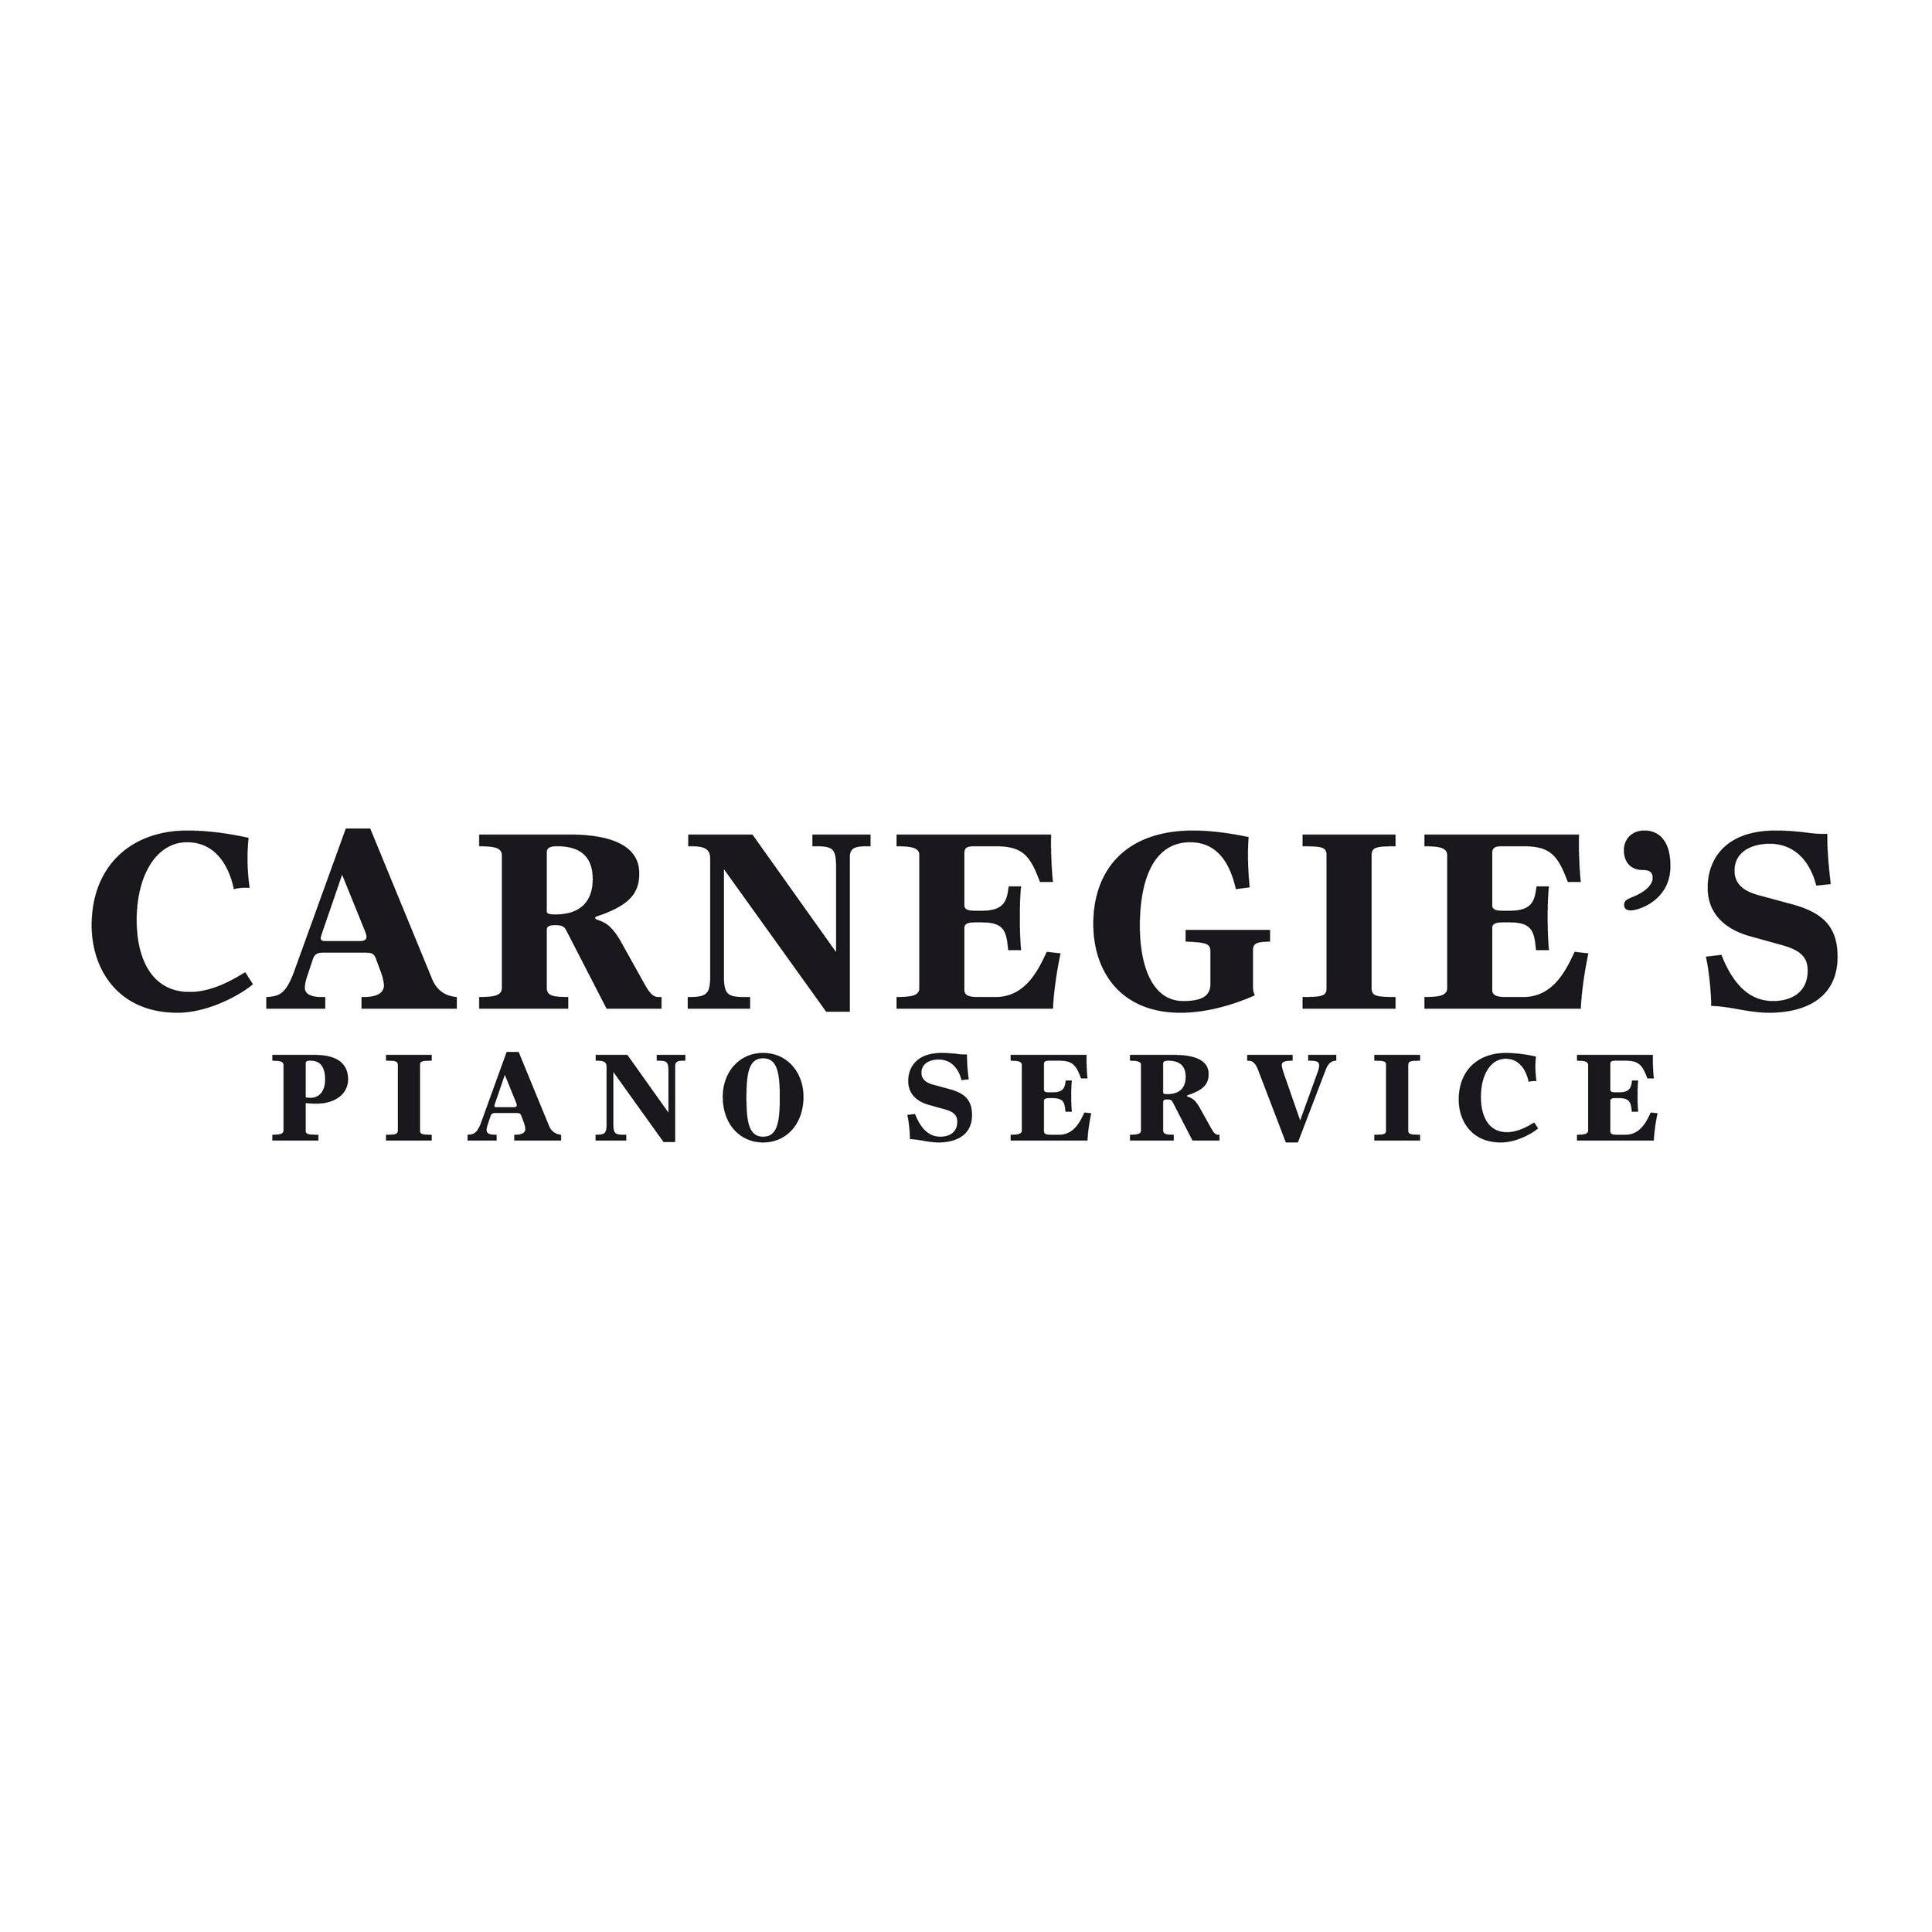 Carnegie's Piano Service     Read more